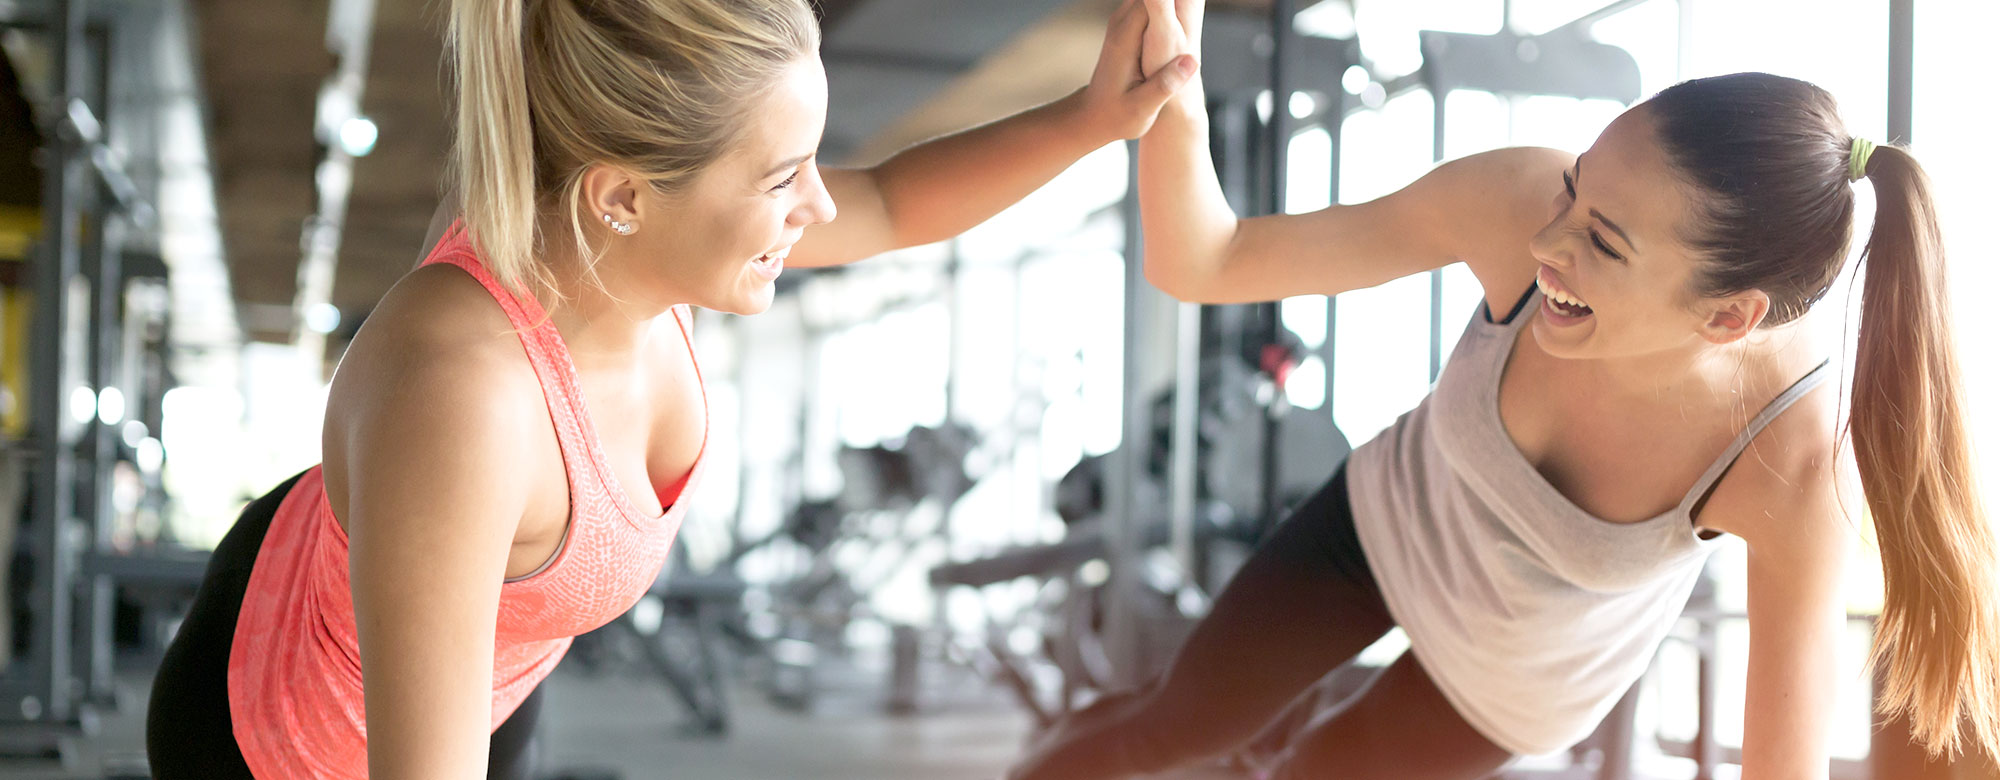 真の美と健康を支える BEAS トレーニングイメージ